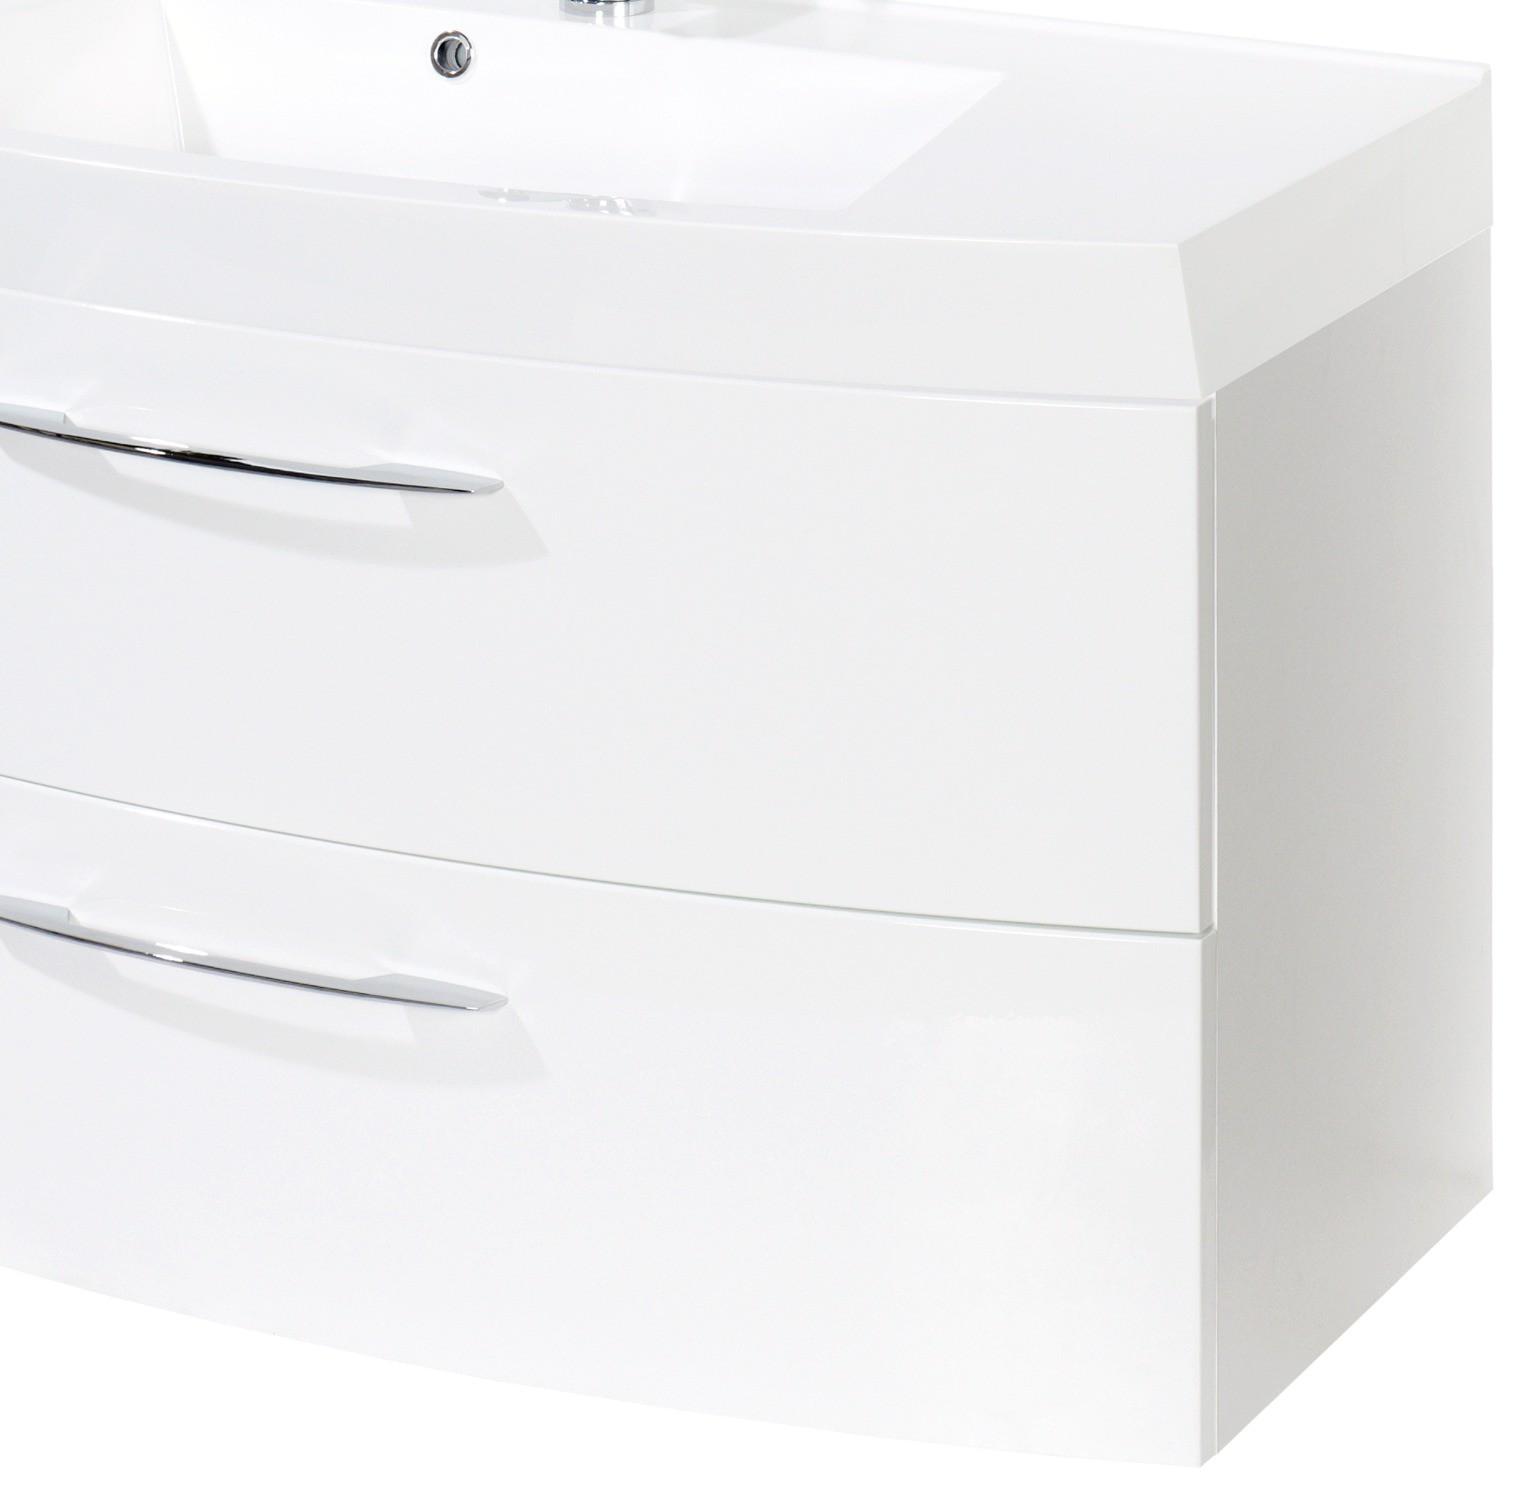 badm bel set florida 4 teilig 100 cm breit 2 ausz ge hochglanz wei bad badm belsets. Black Bedroom Furniture Sets. Home Design Ideas